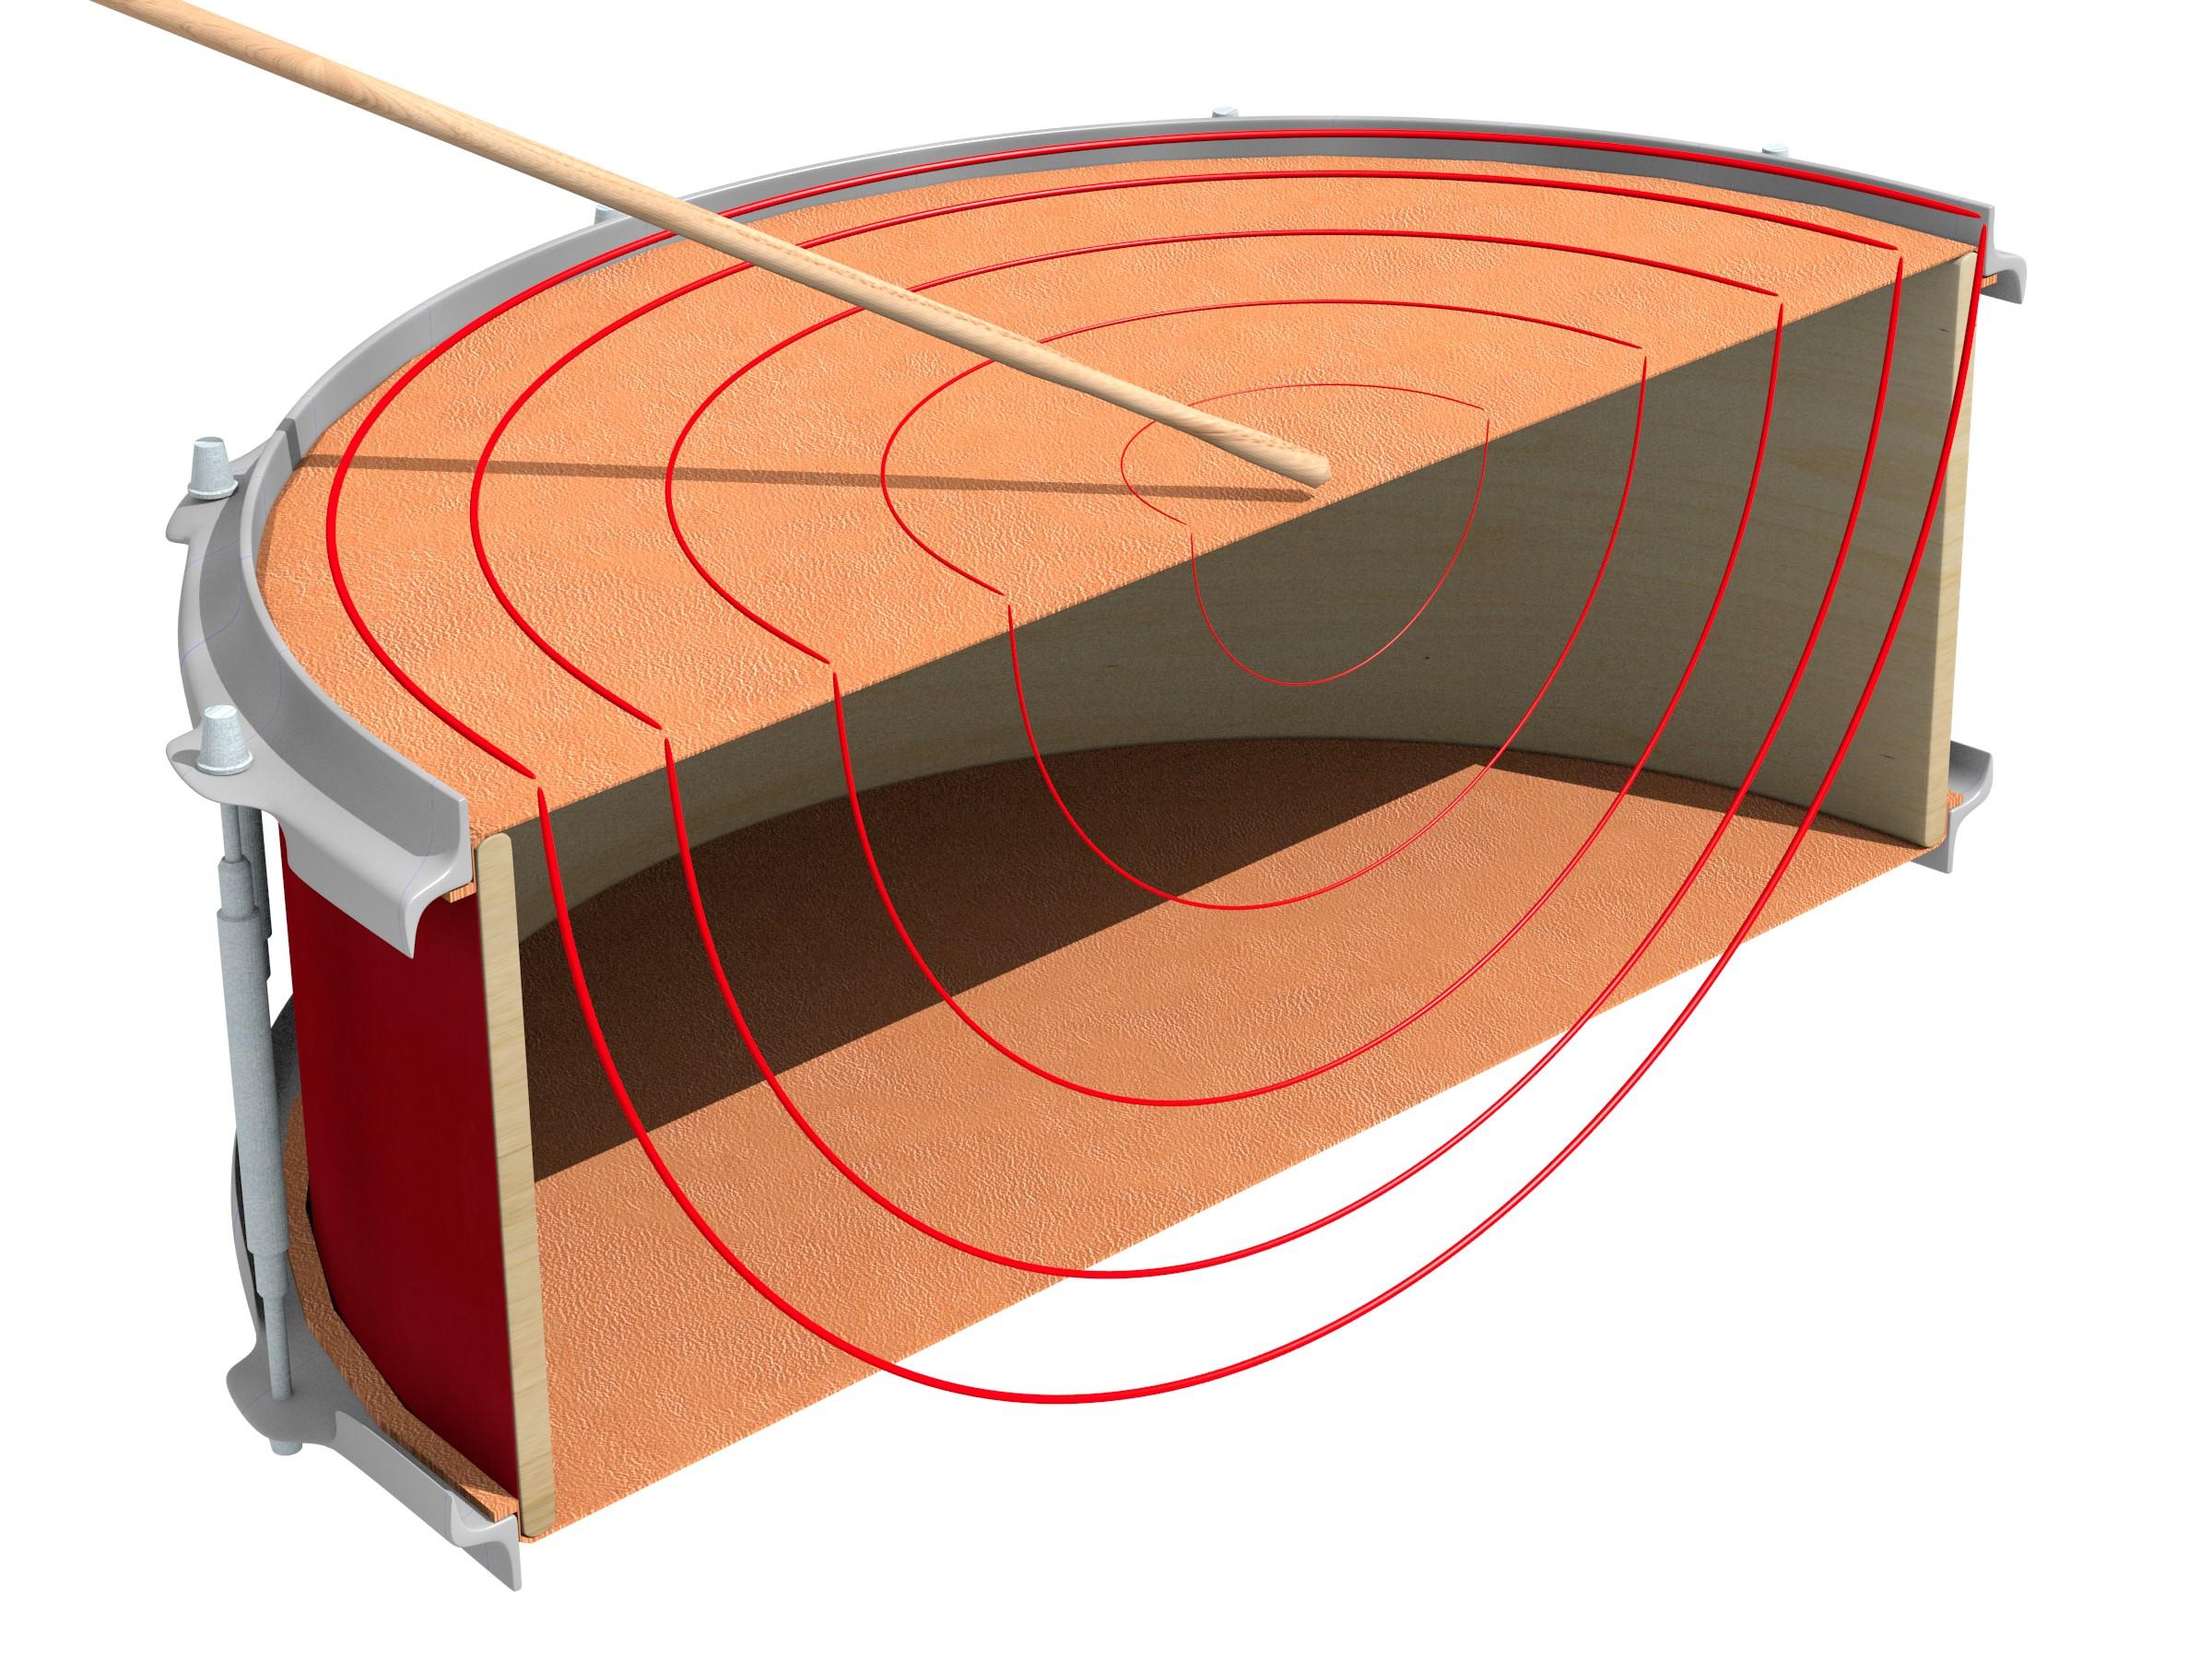 Propagarea zgomotelor la un sistem cu membrana(toba) - Cum se transmit zgomotele de impact si de